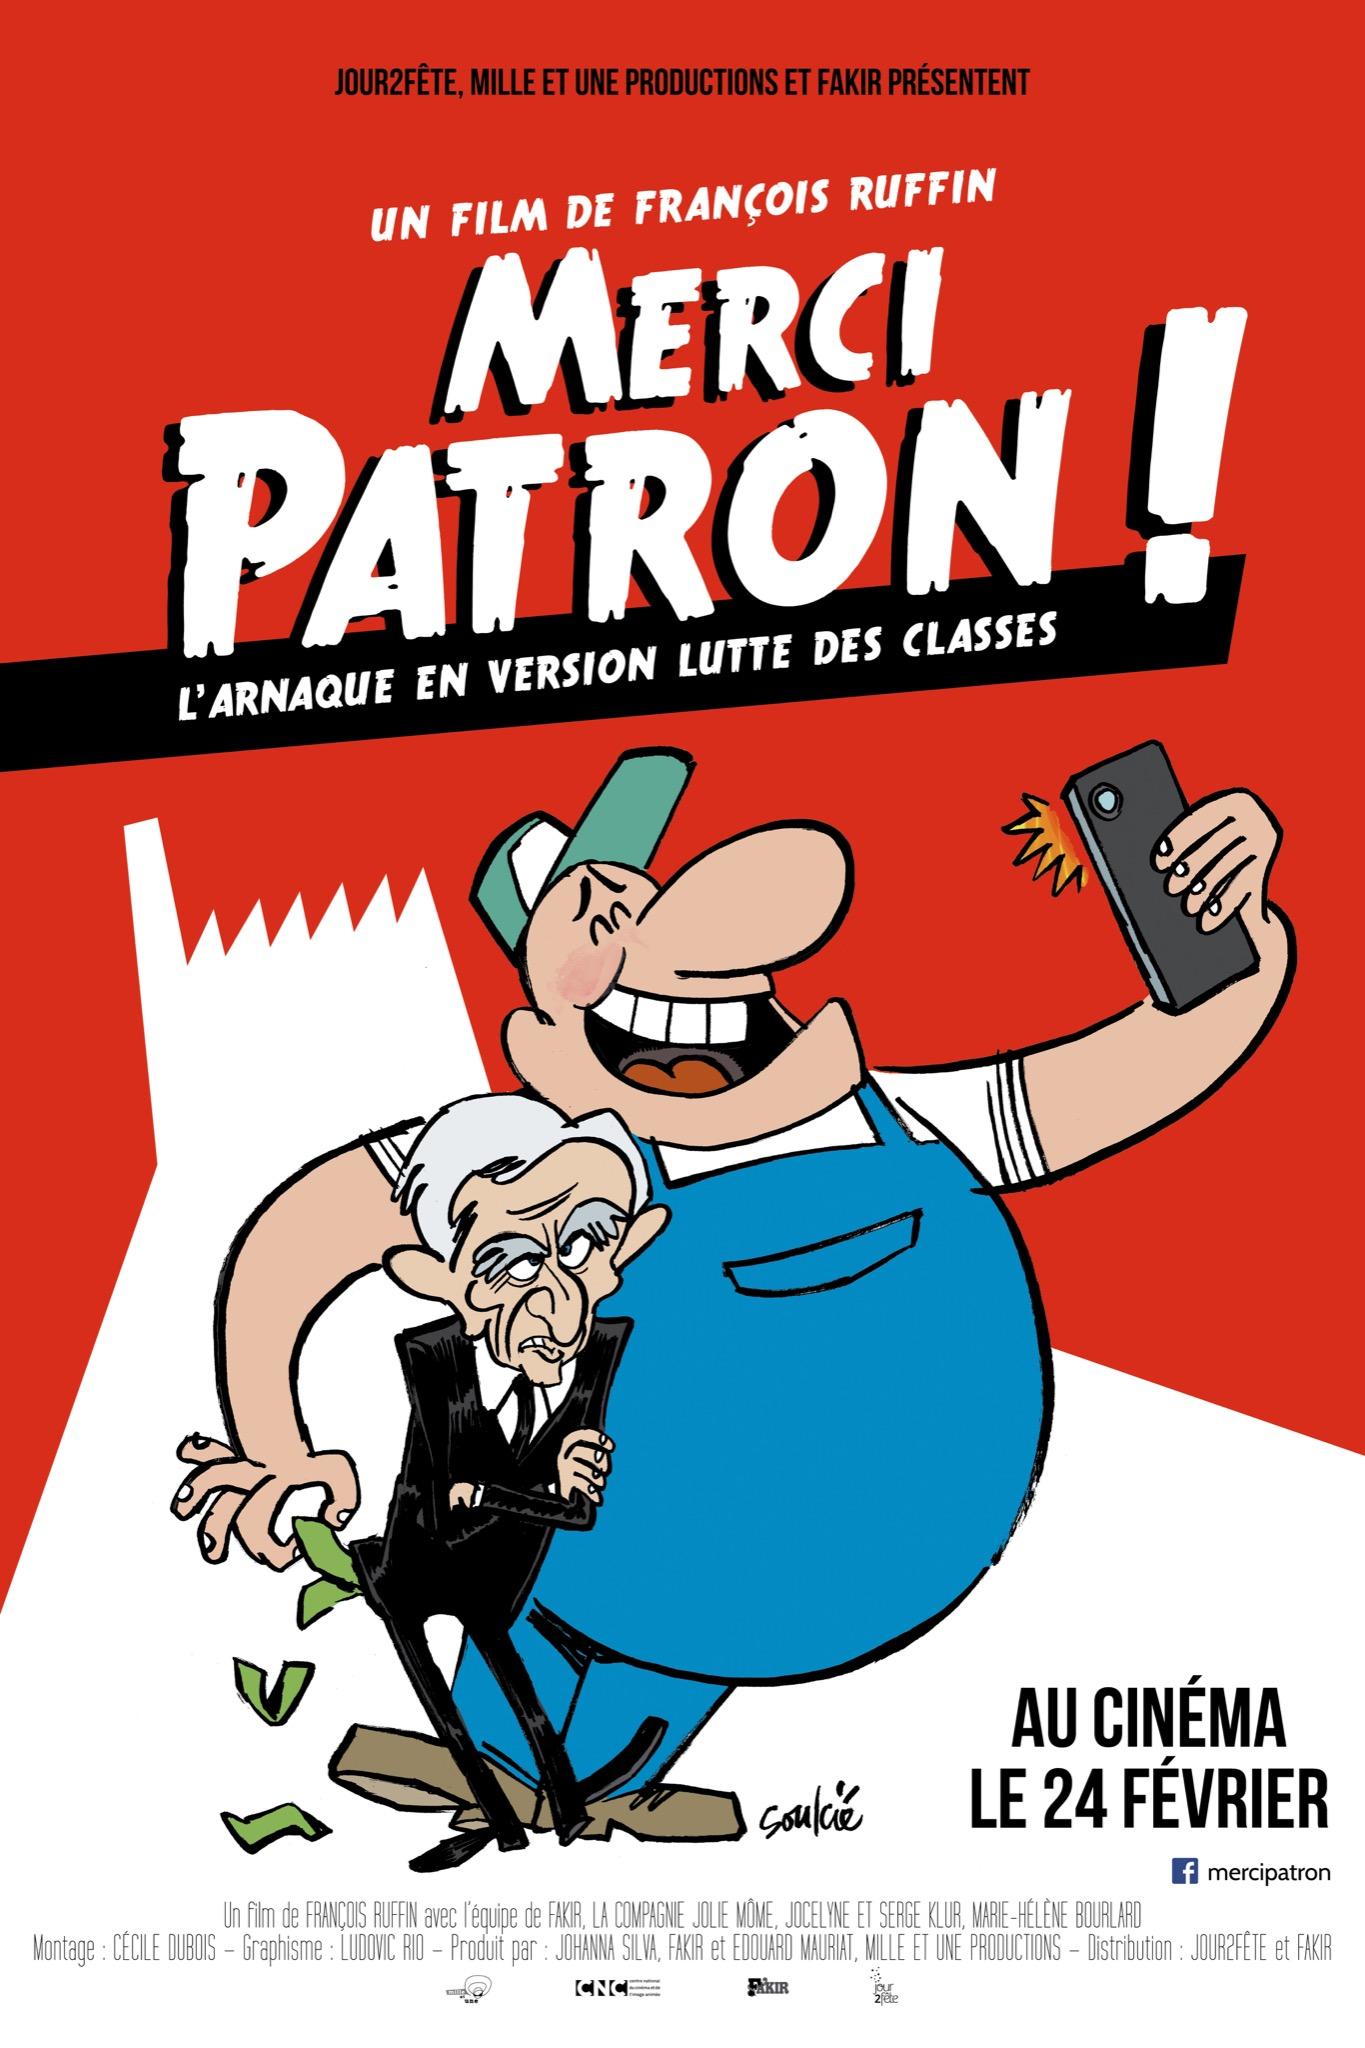 Affiche_merci patron_soulcie40X60 1